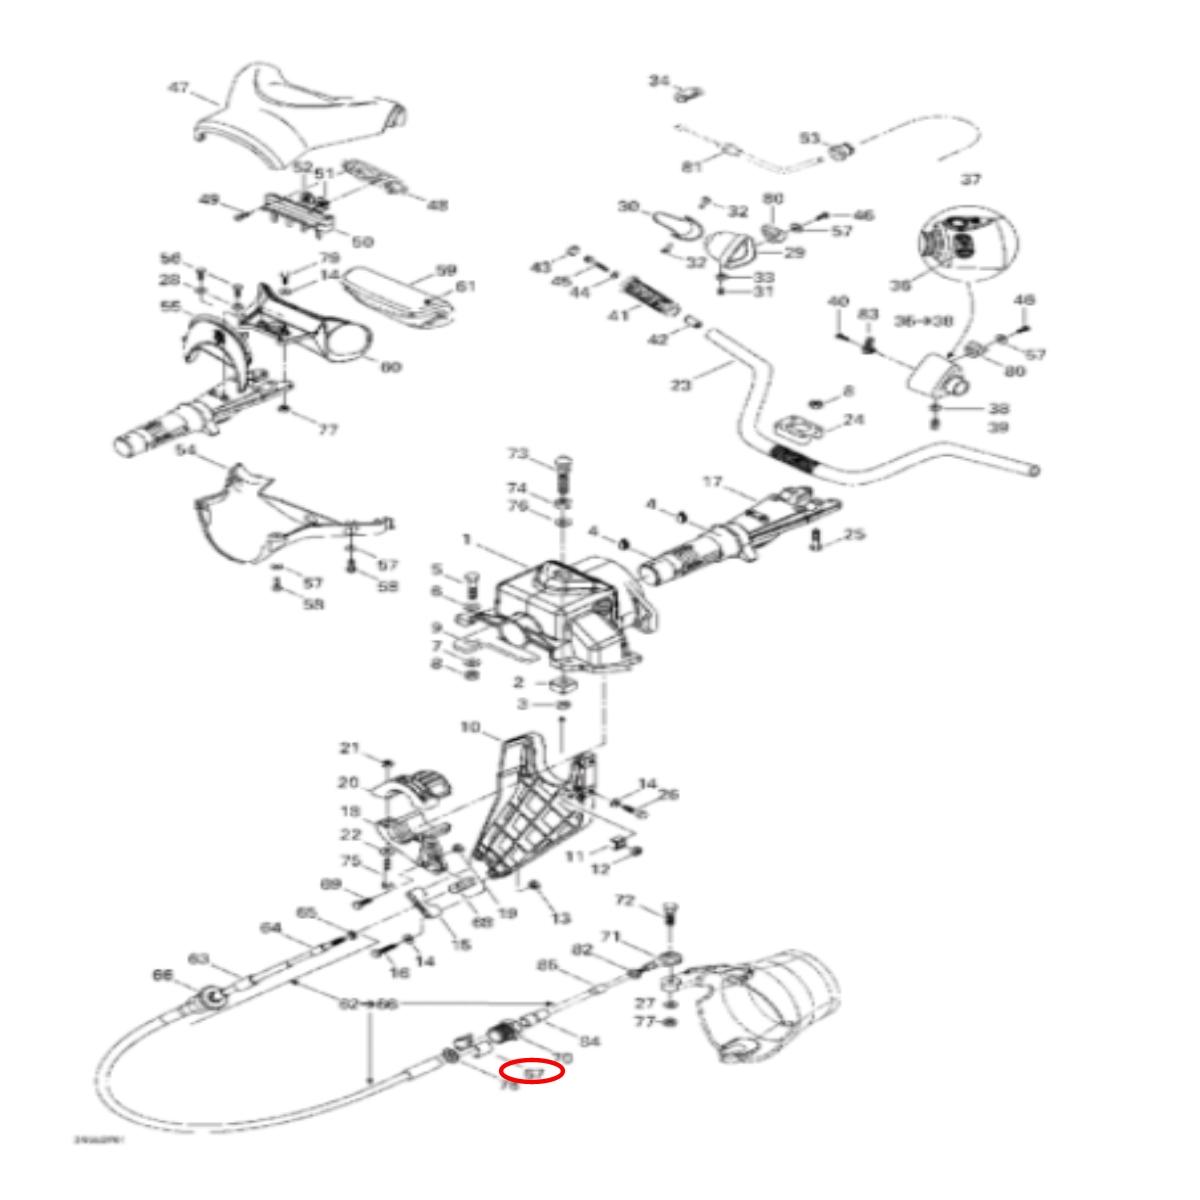 Anel de Retenção para Jet ski Sea Doo  - Radical Peças - Peças para Jet Ski